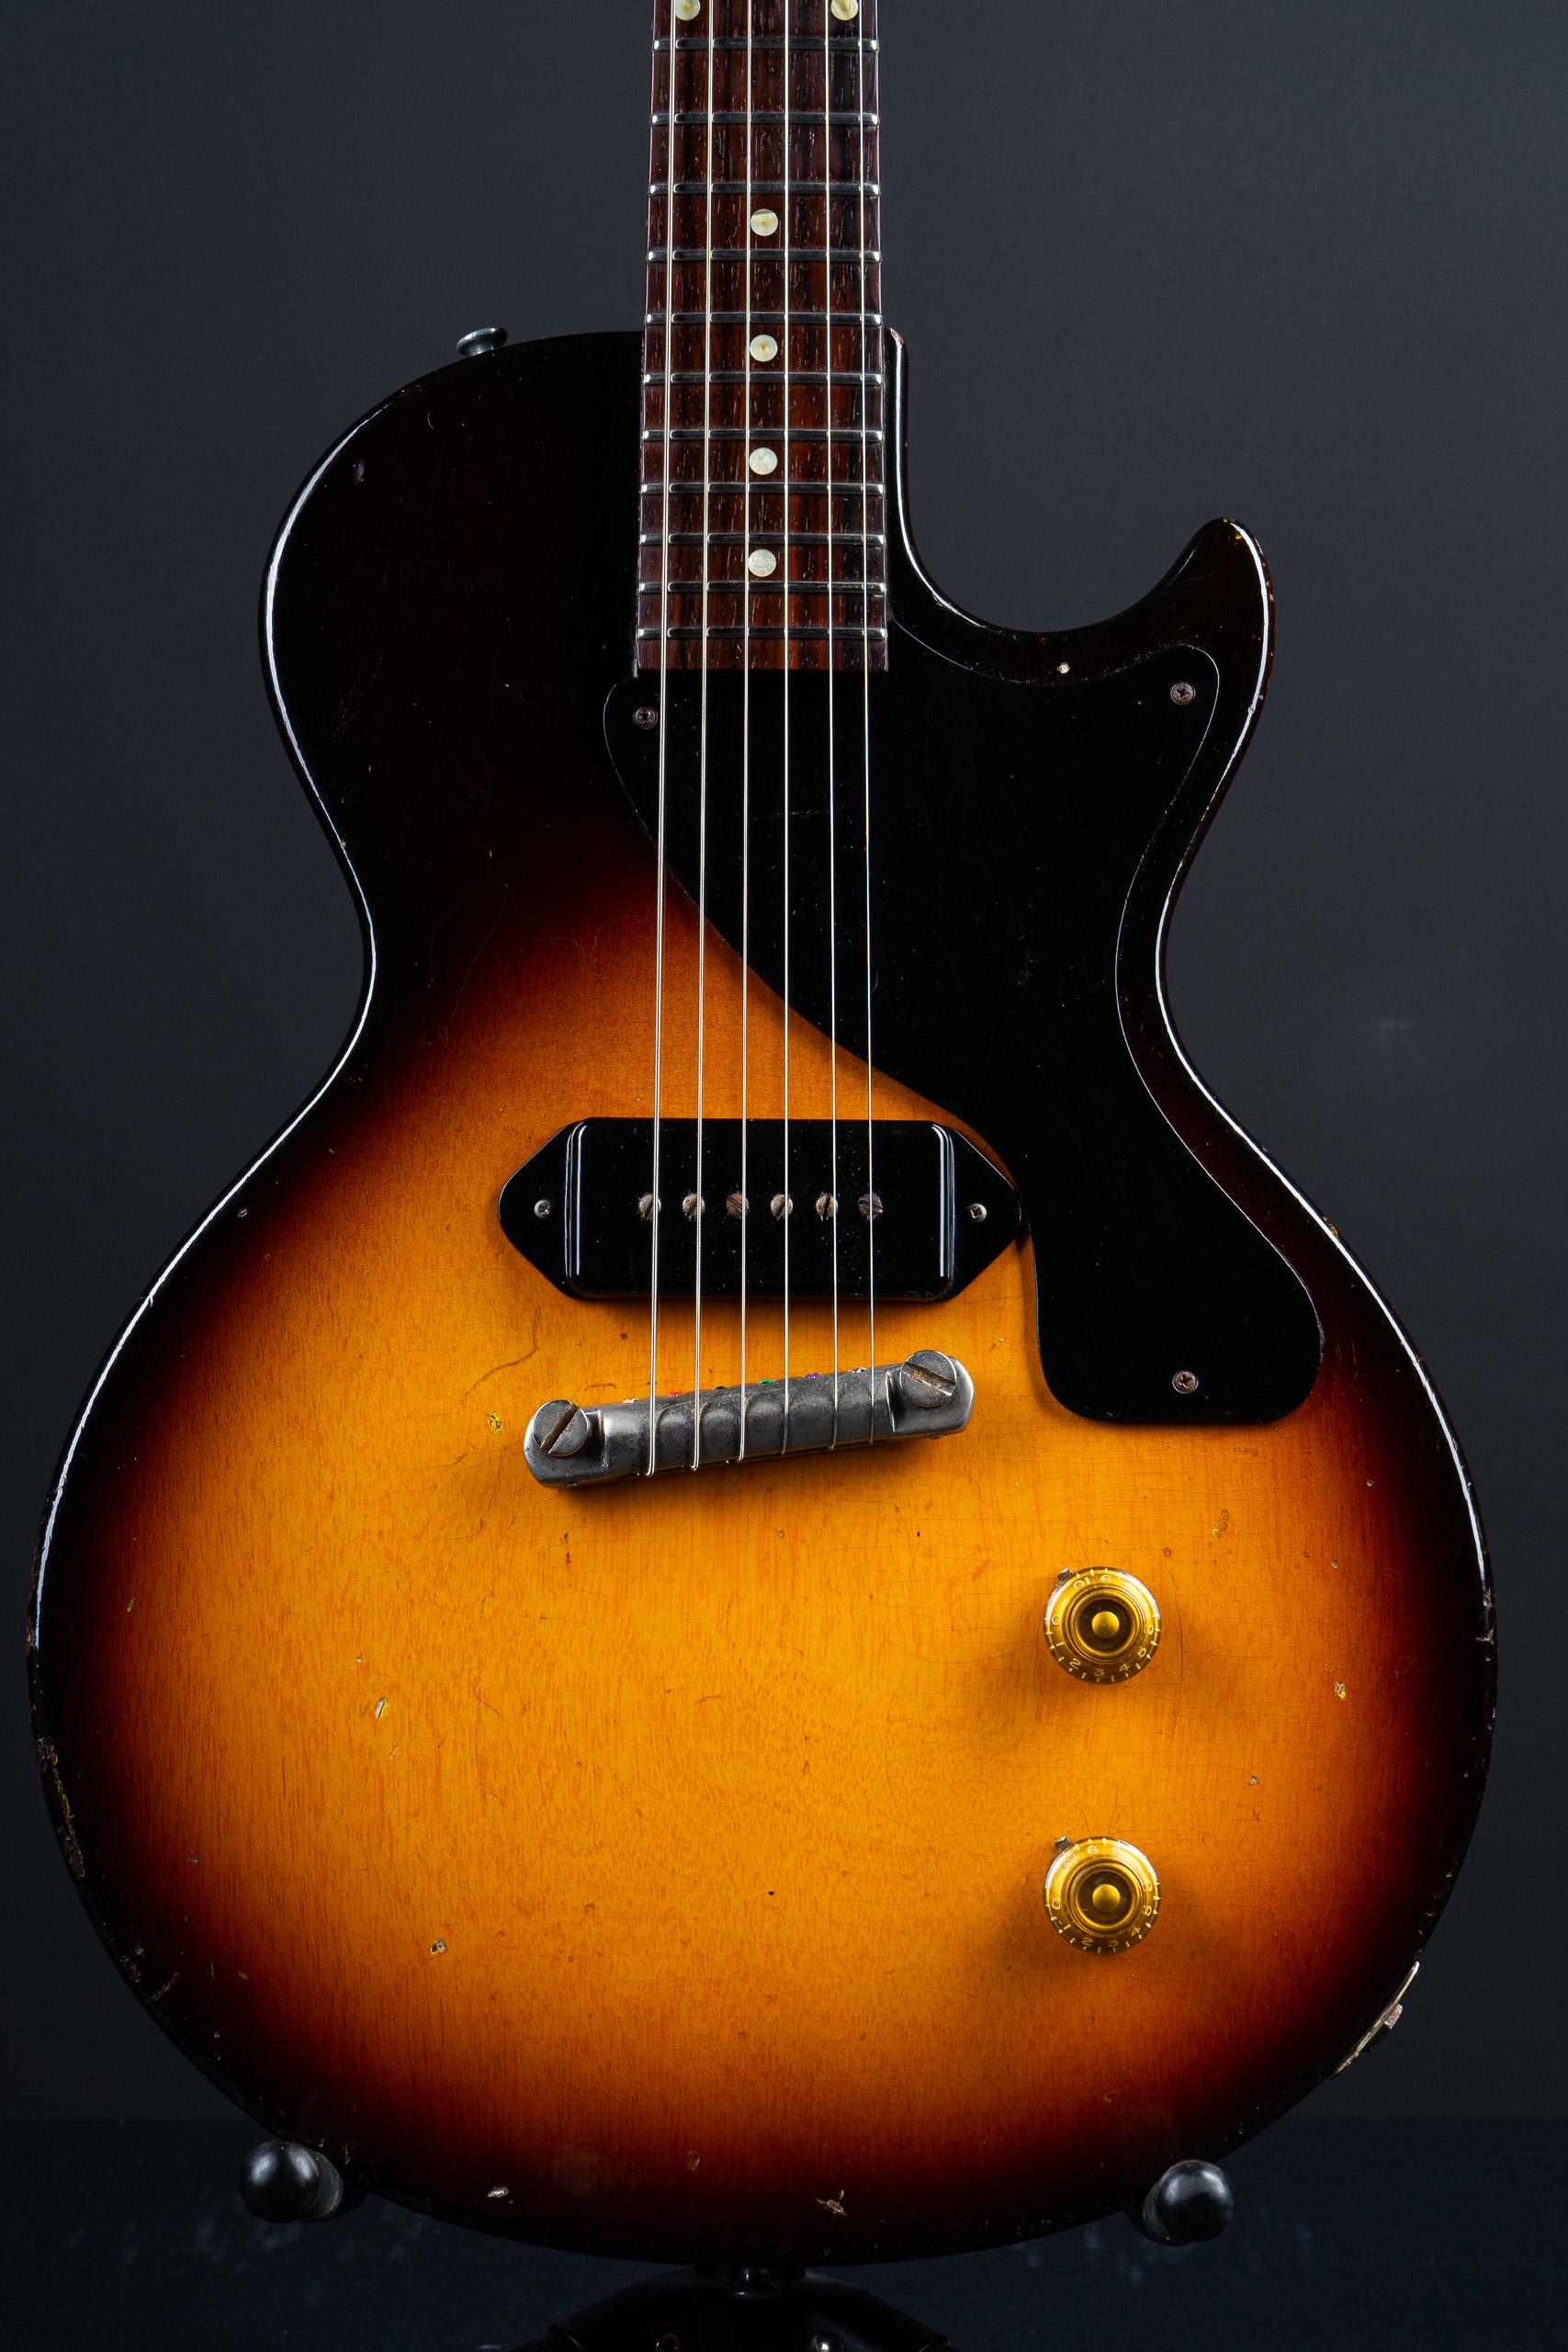 1958 Gibson Les Paul Junior - Sunburst